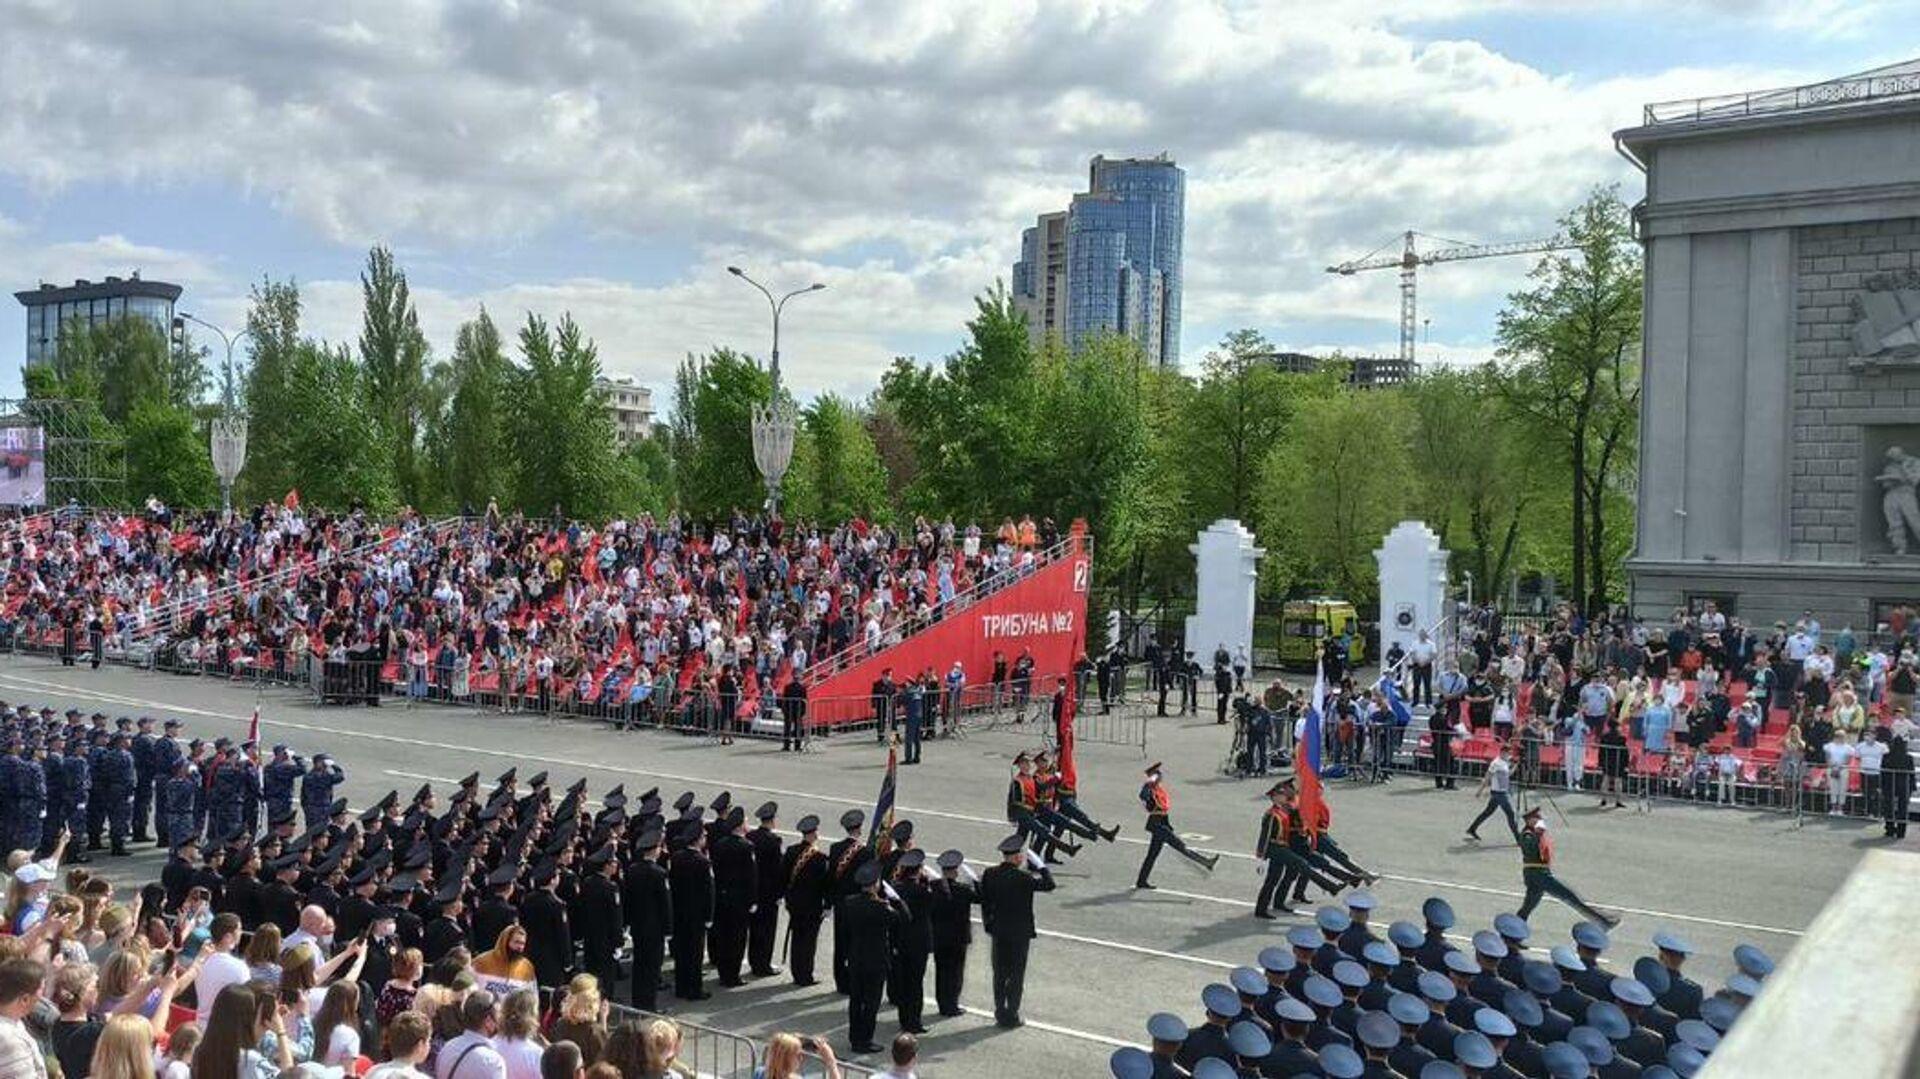 Празднование 76-й годовщины Великой Победы в Самаре - РИА Новости, 1920, 09.05.2021